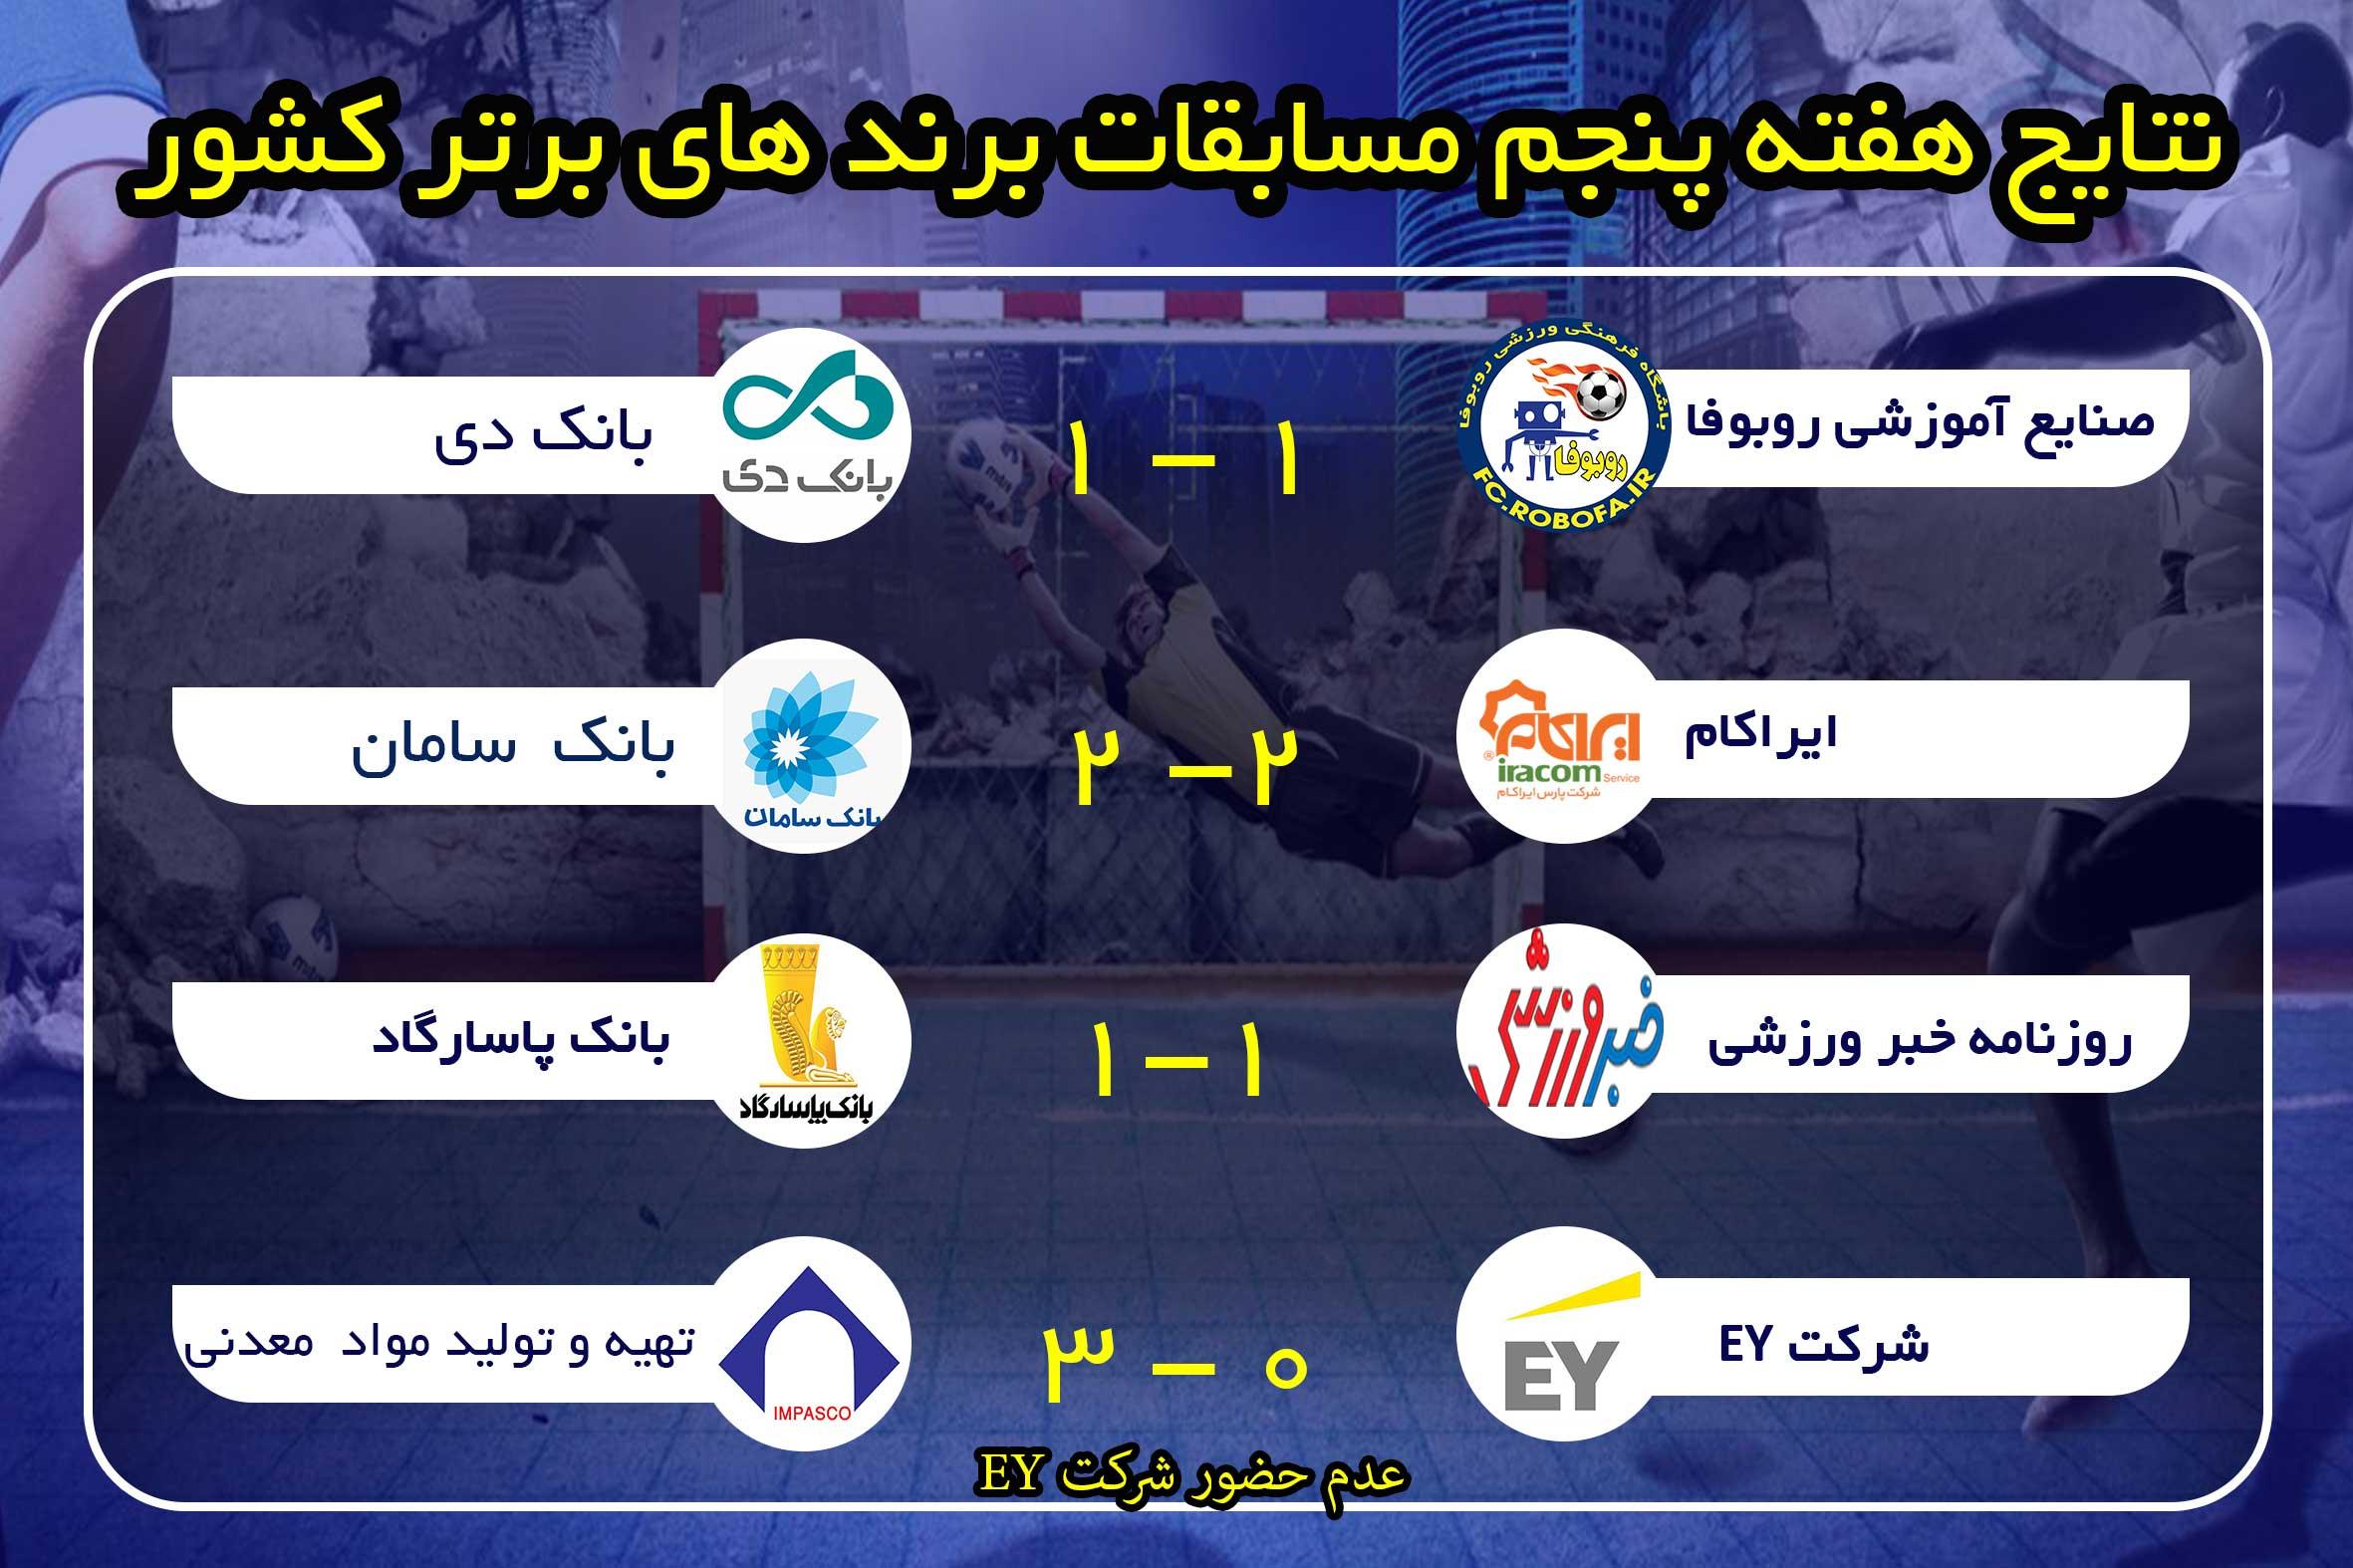 نتایج بازی های هفته پنجم مسابقات برندهای برتر کشور